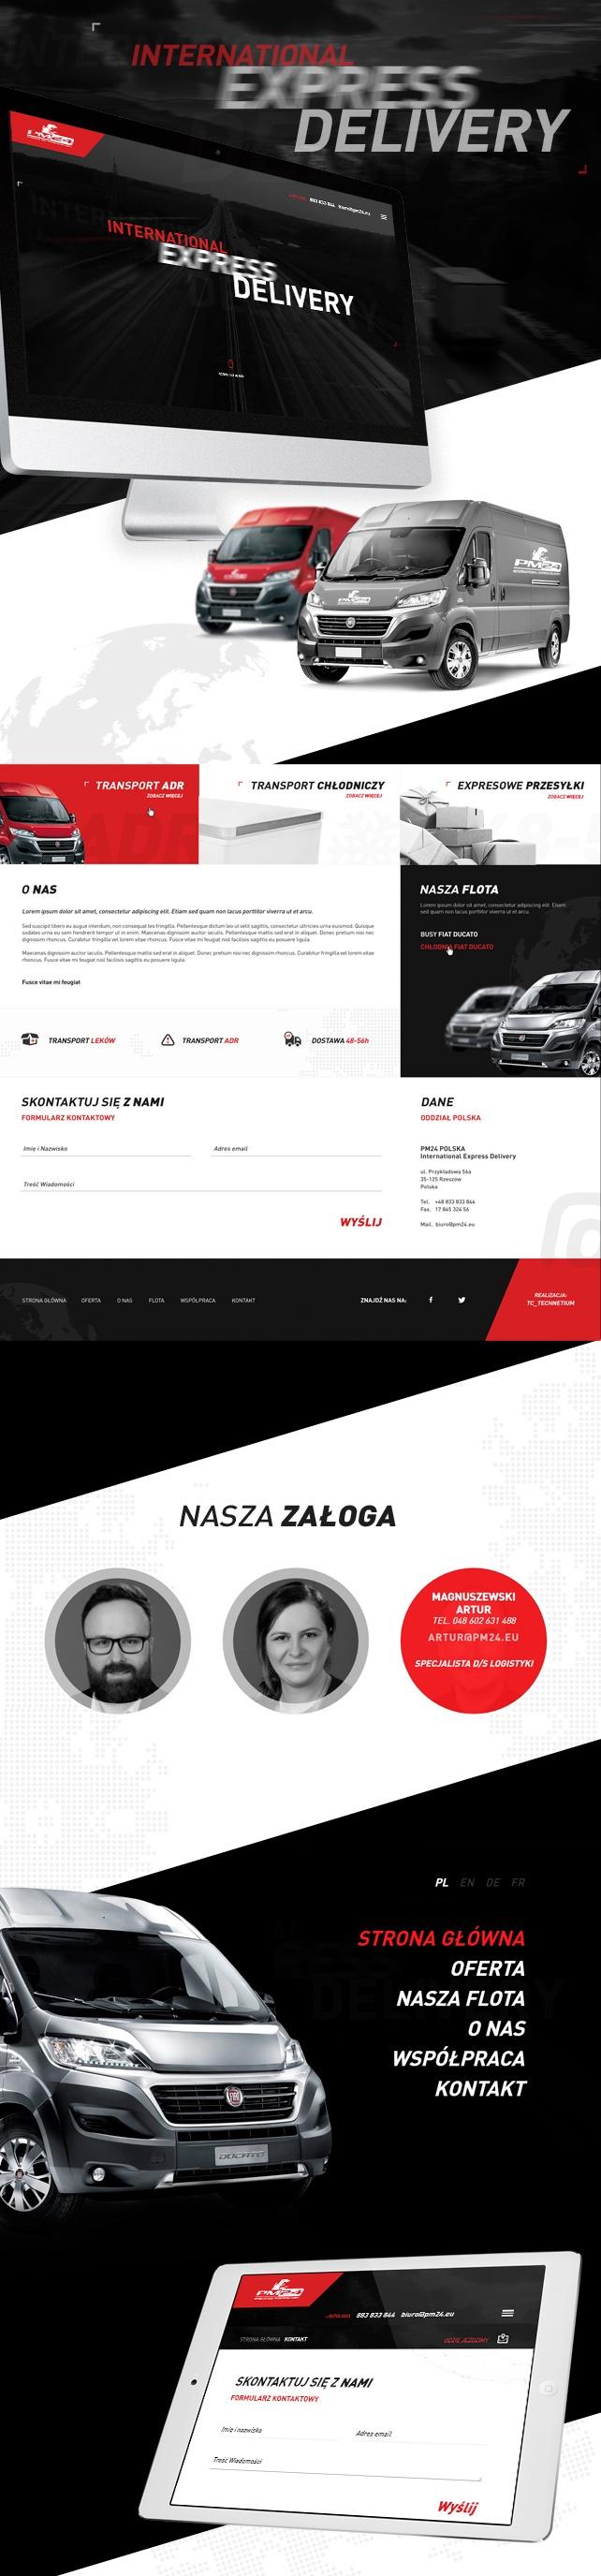 Strona www, projekt graficzny PM24